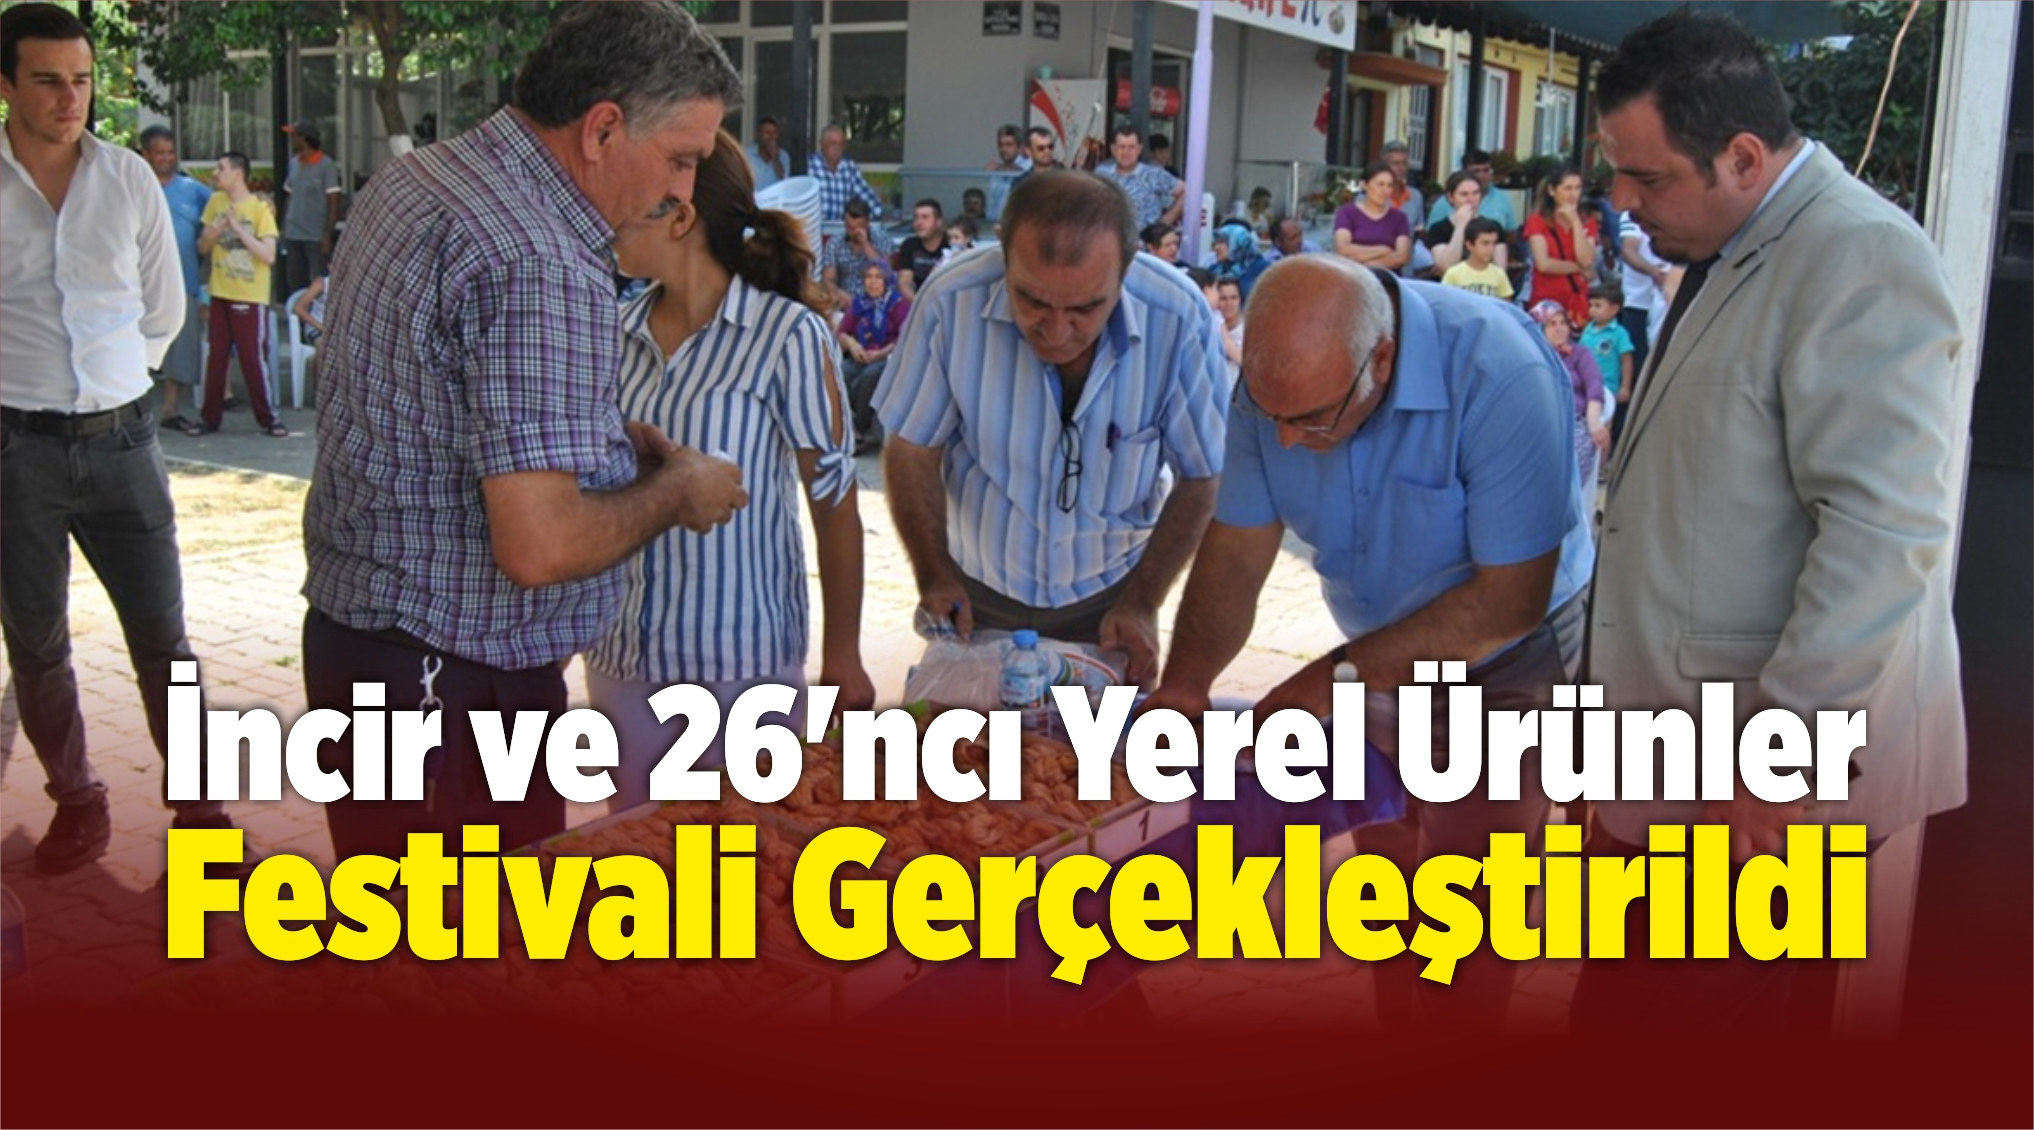 İncir ve 26'ncı Yerel Ürünler Festivali Gerçekleştirildi